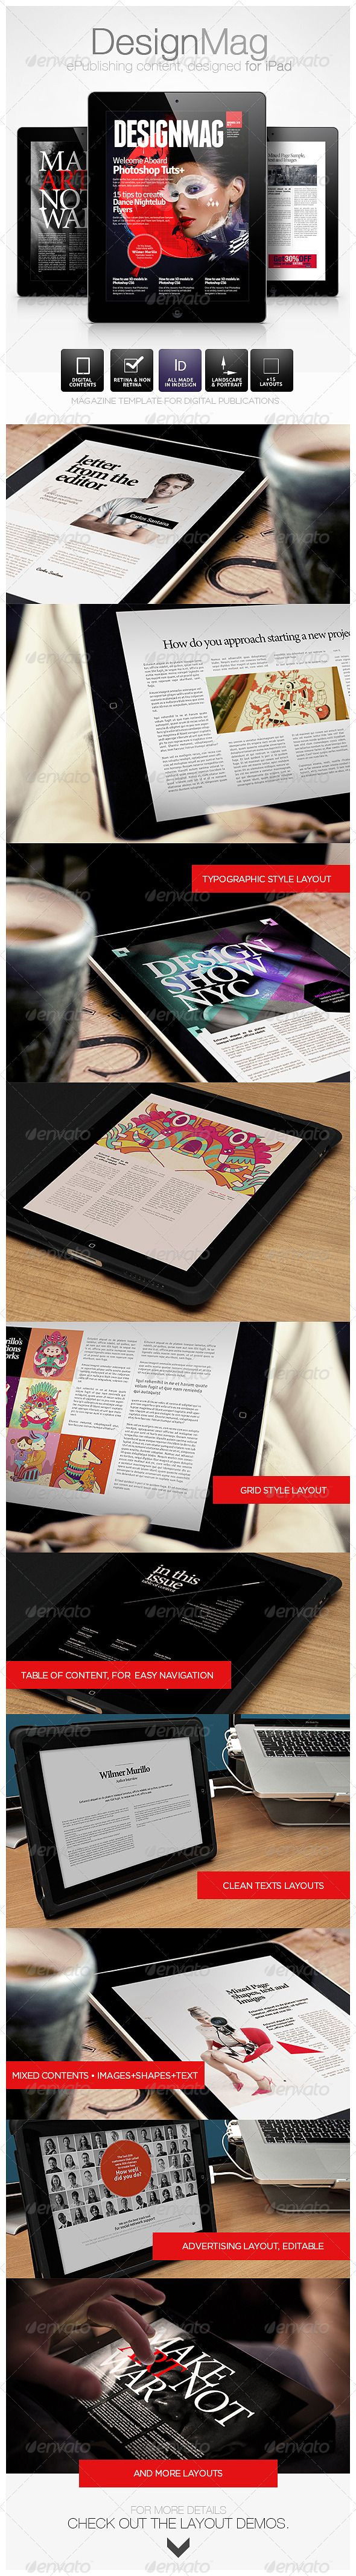 DesignMag iPad Magazine - Digital Magazines ePublishing